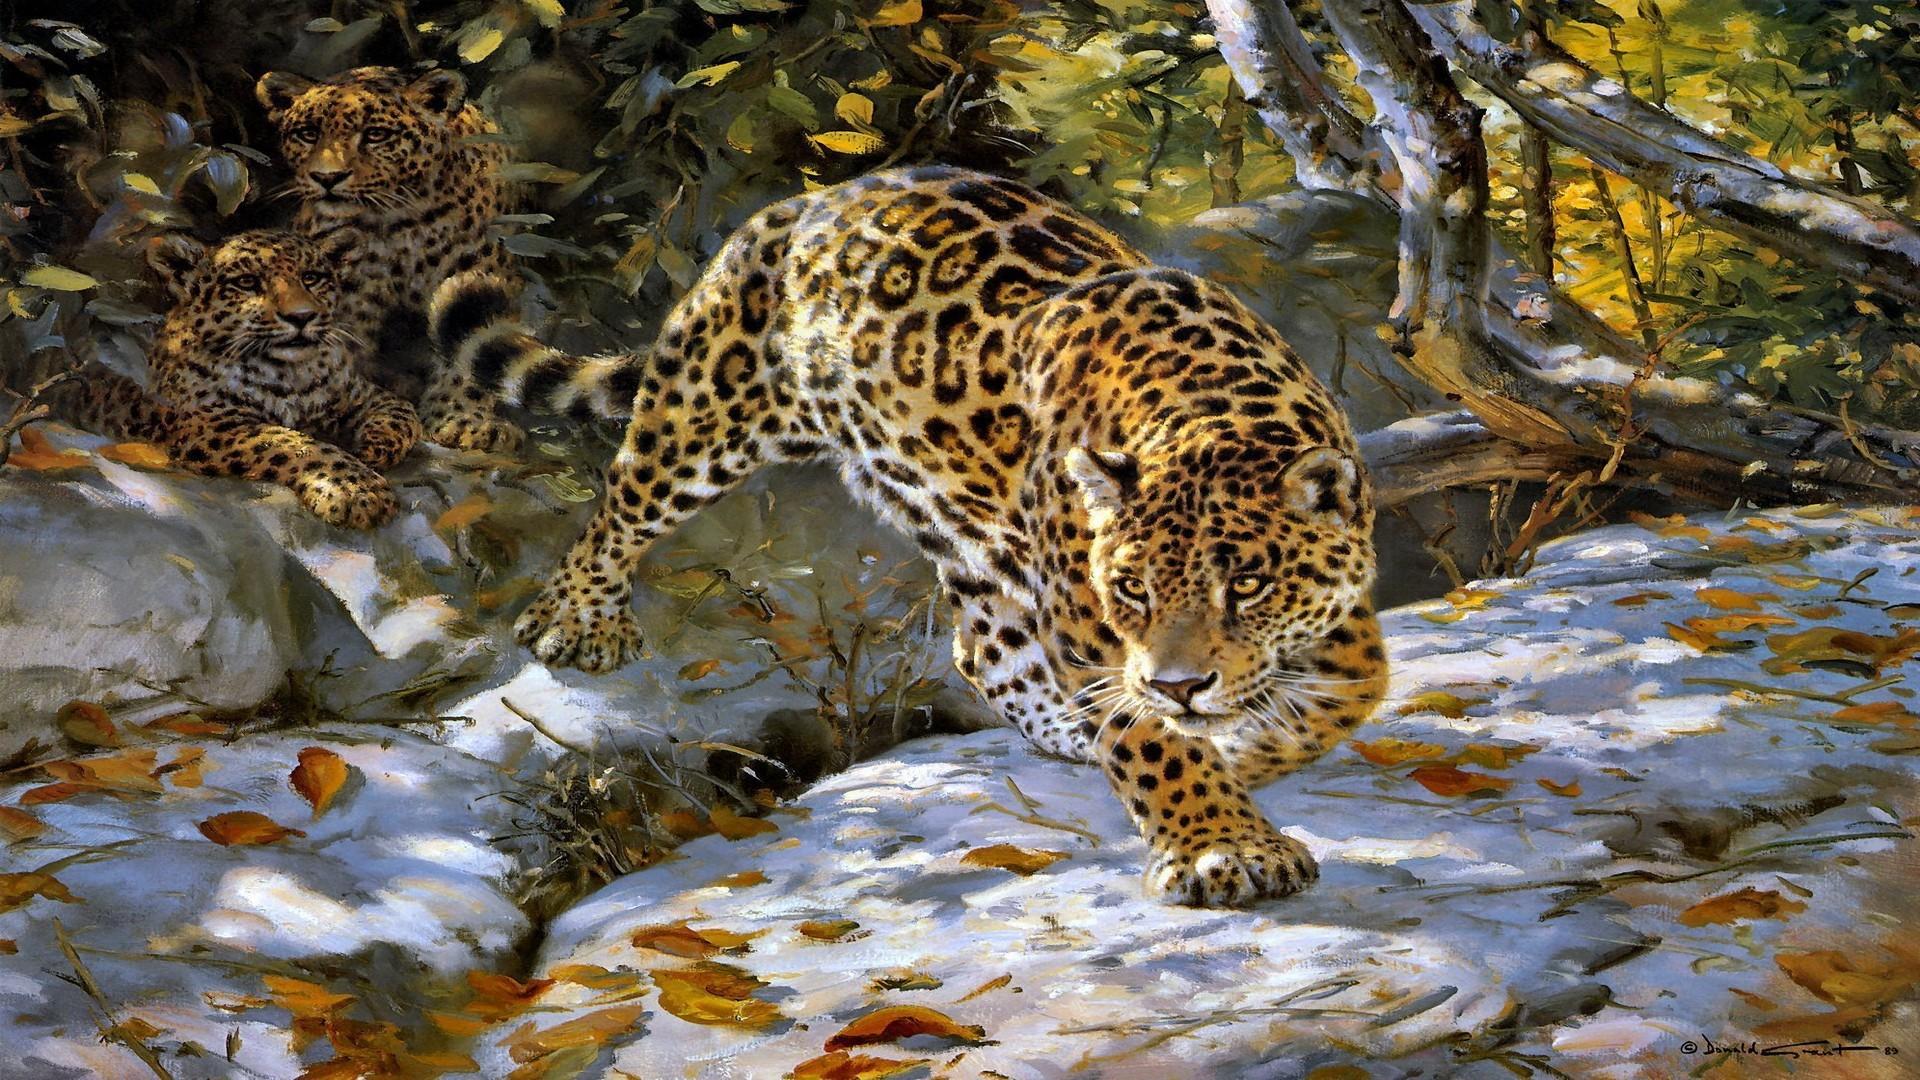 Jaguar wallpapers 63 images - Jaguar hd pics ...